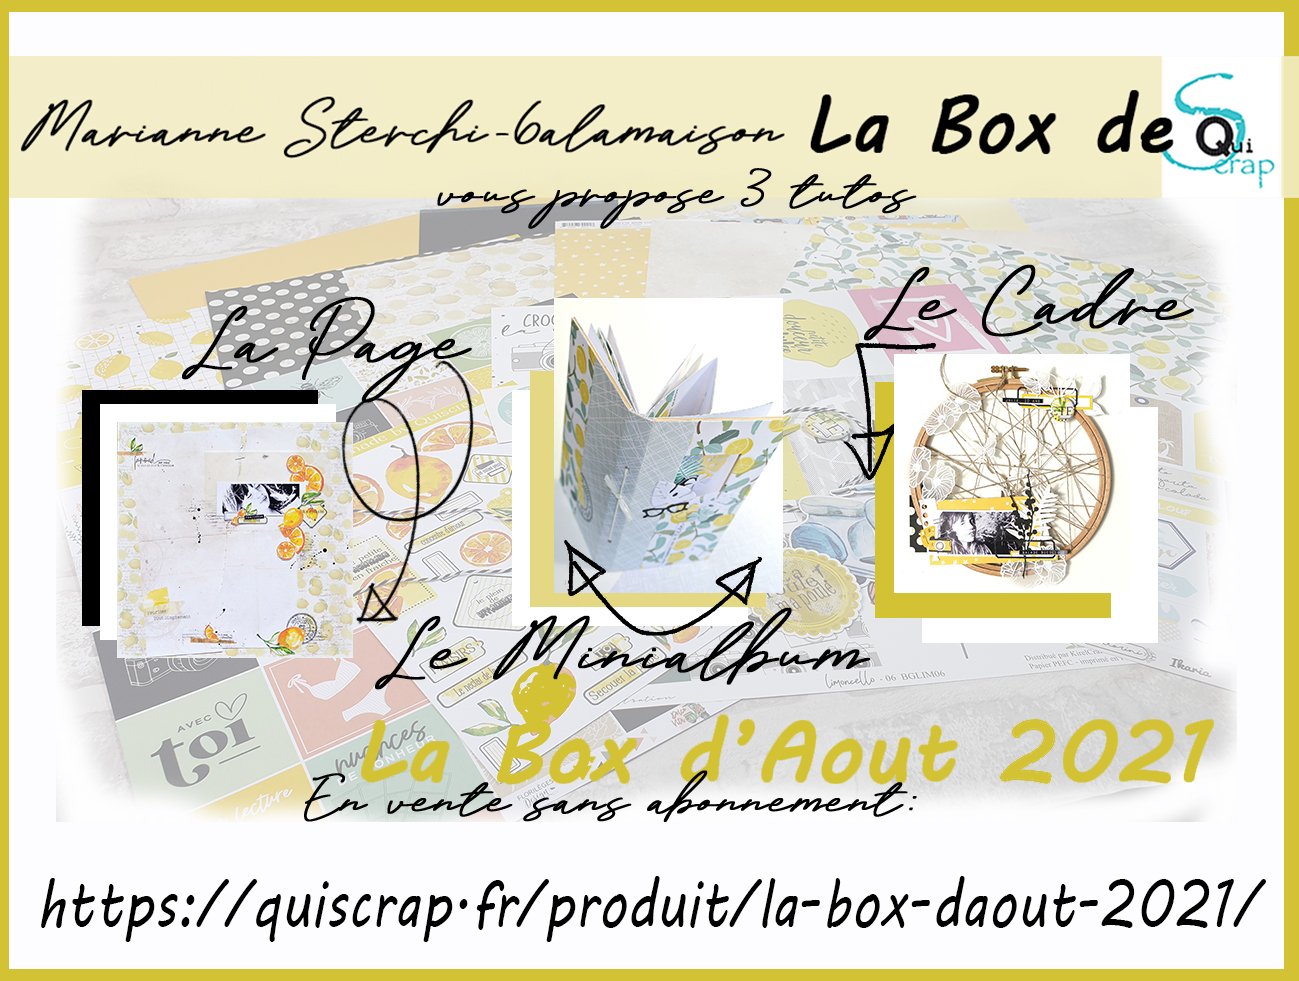 ***Récapitulatif la Box d'Aout 2021 par Marianne Sterchi – 6alamaison***